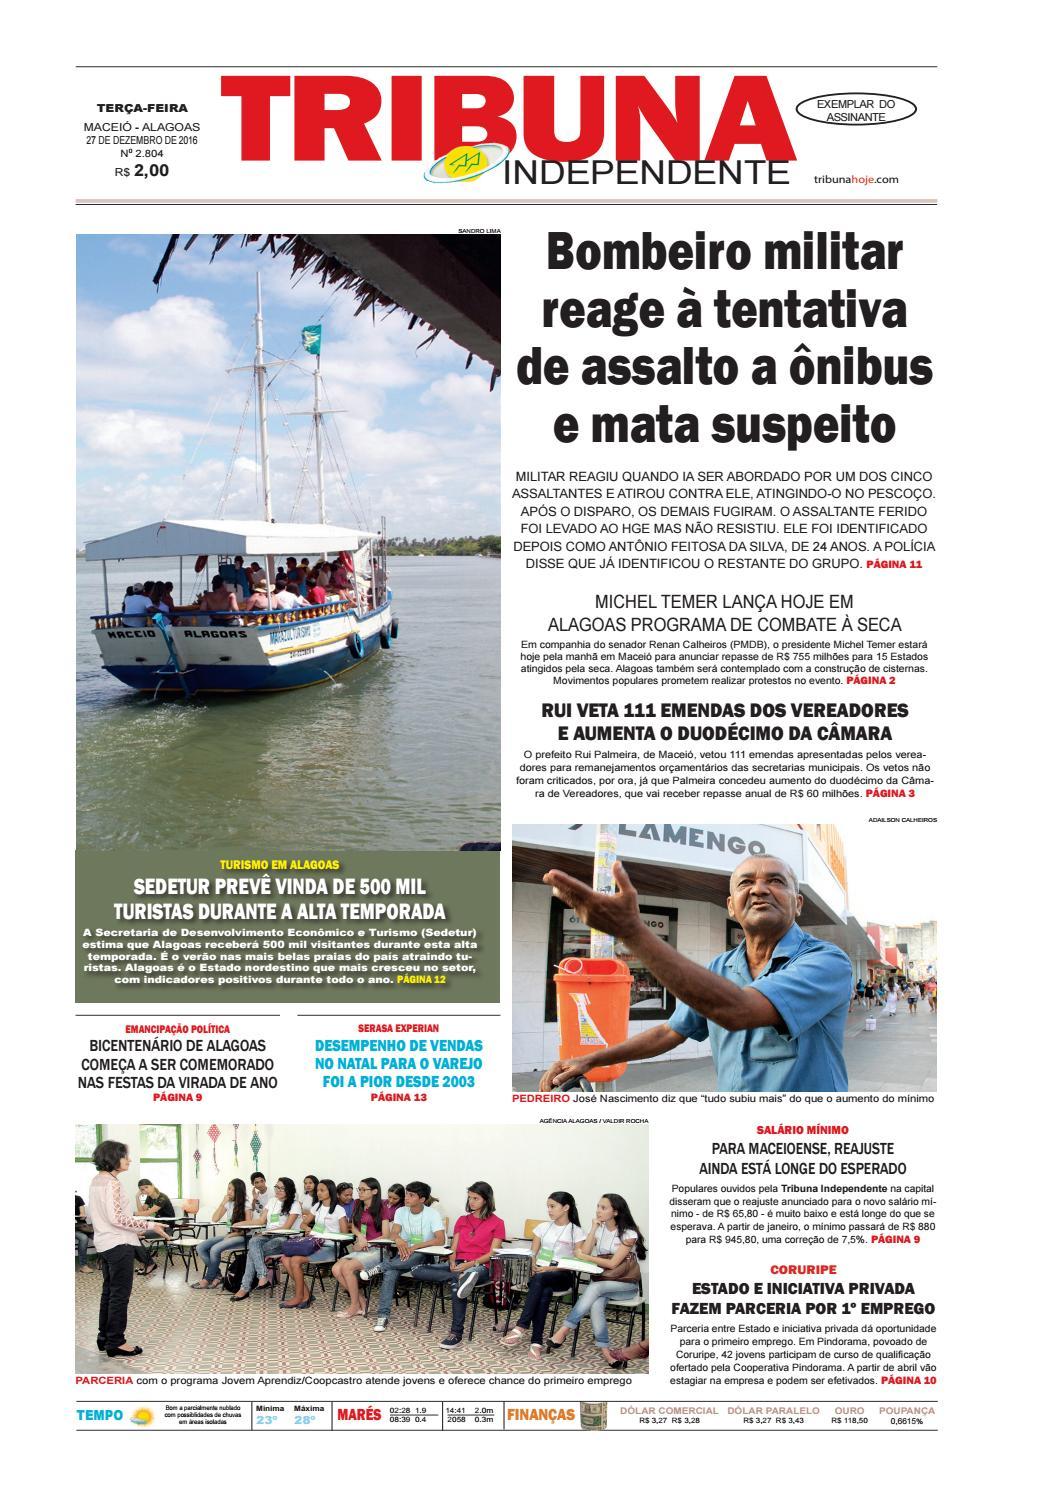 95dab2d2c16 Edição número 2804 - 27 de dezembro de 2016 by Tribuna Hoje - issuu